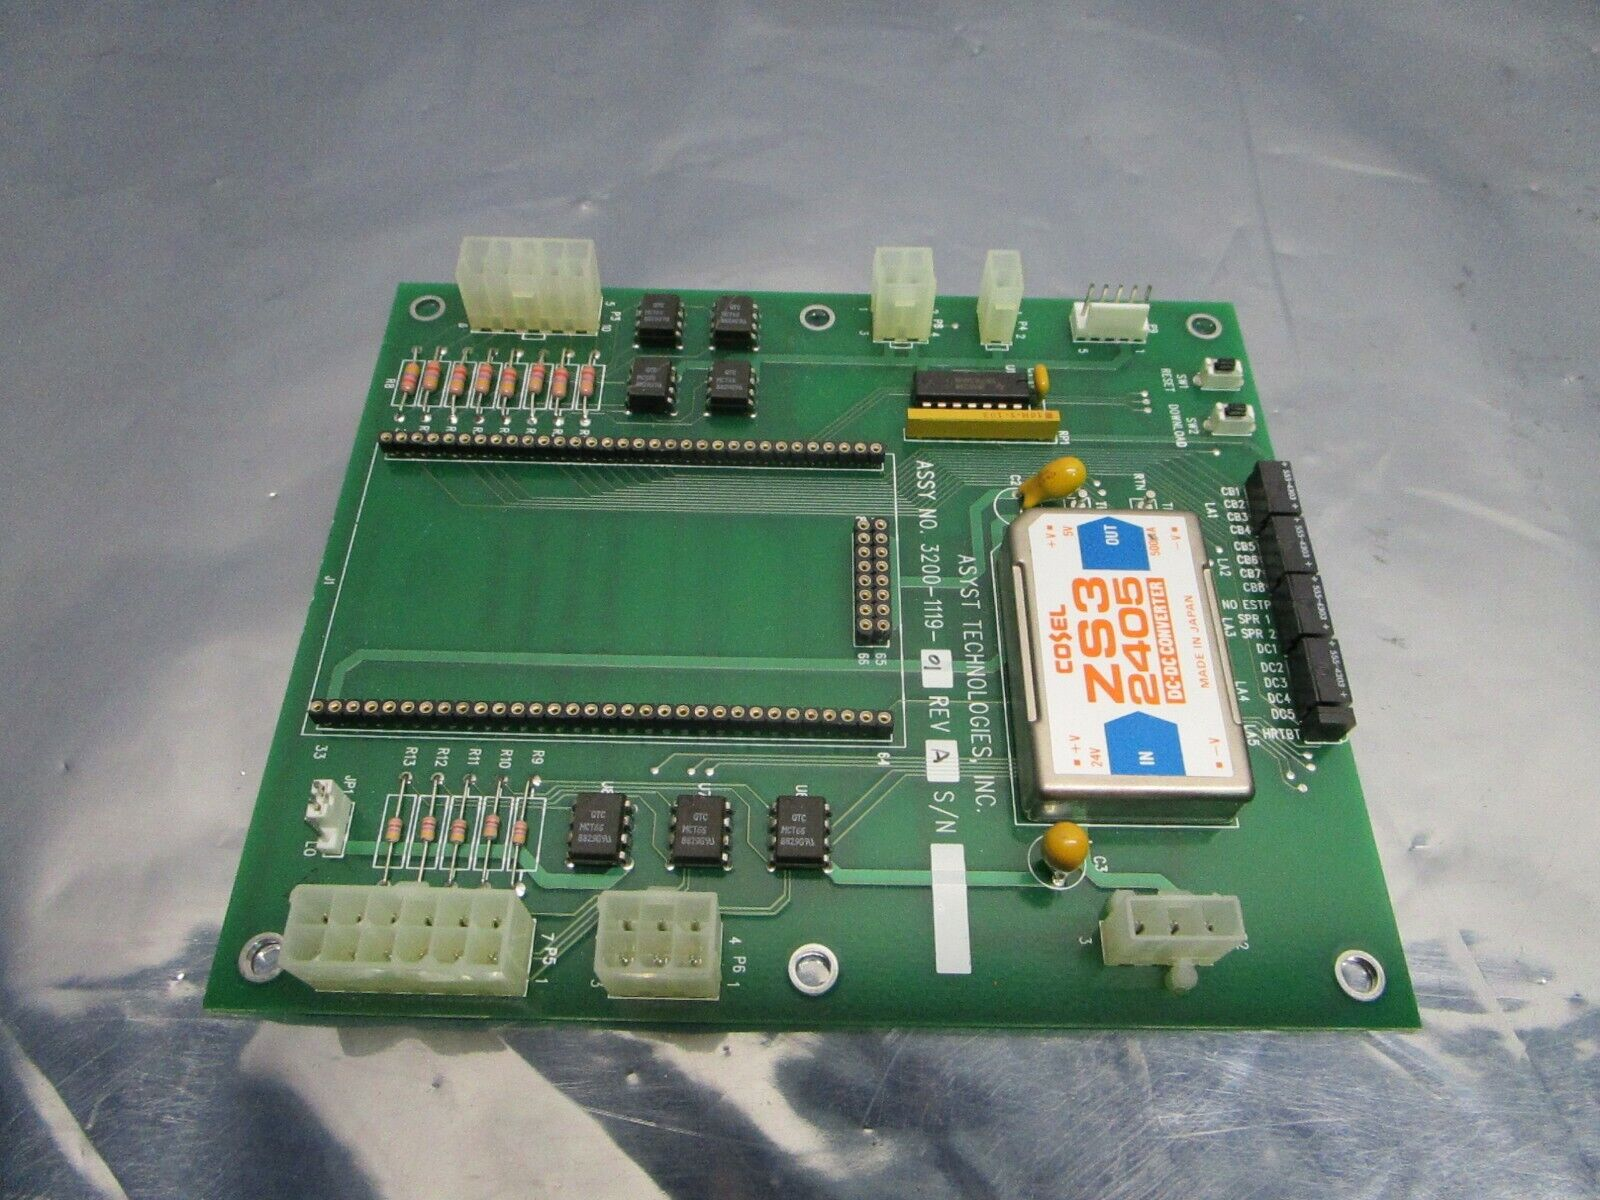 Asyst 3200-1119-01 PCB, FAB 3000-1119-01, 101210